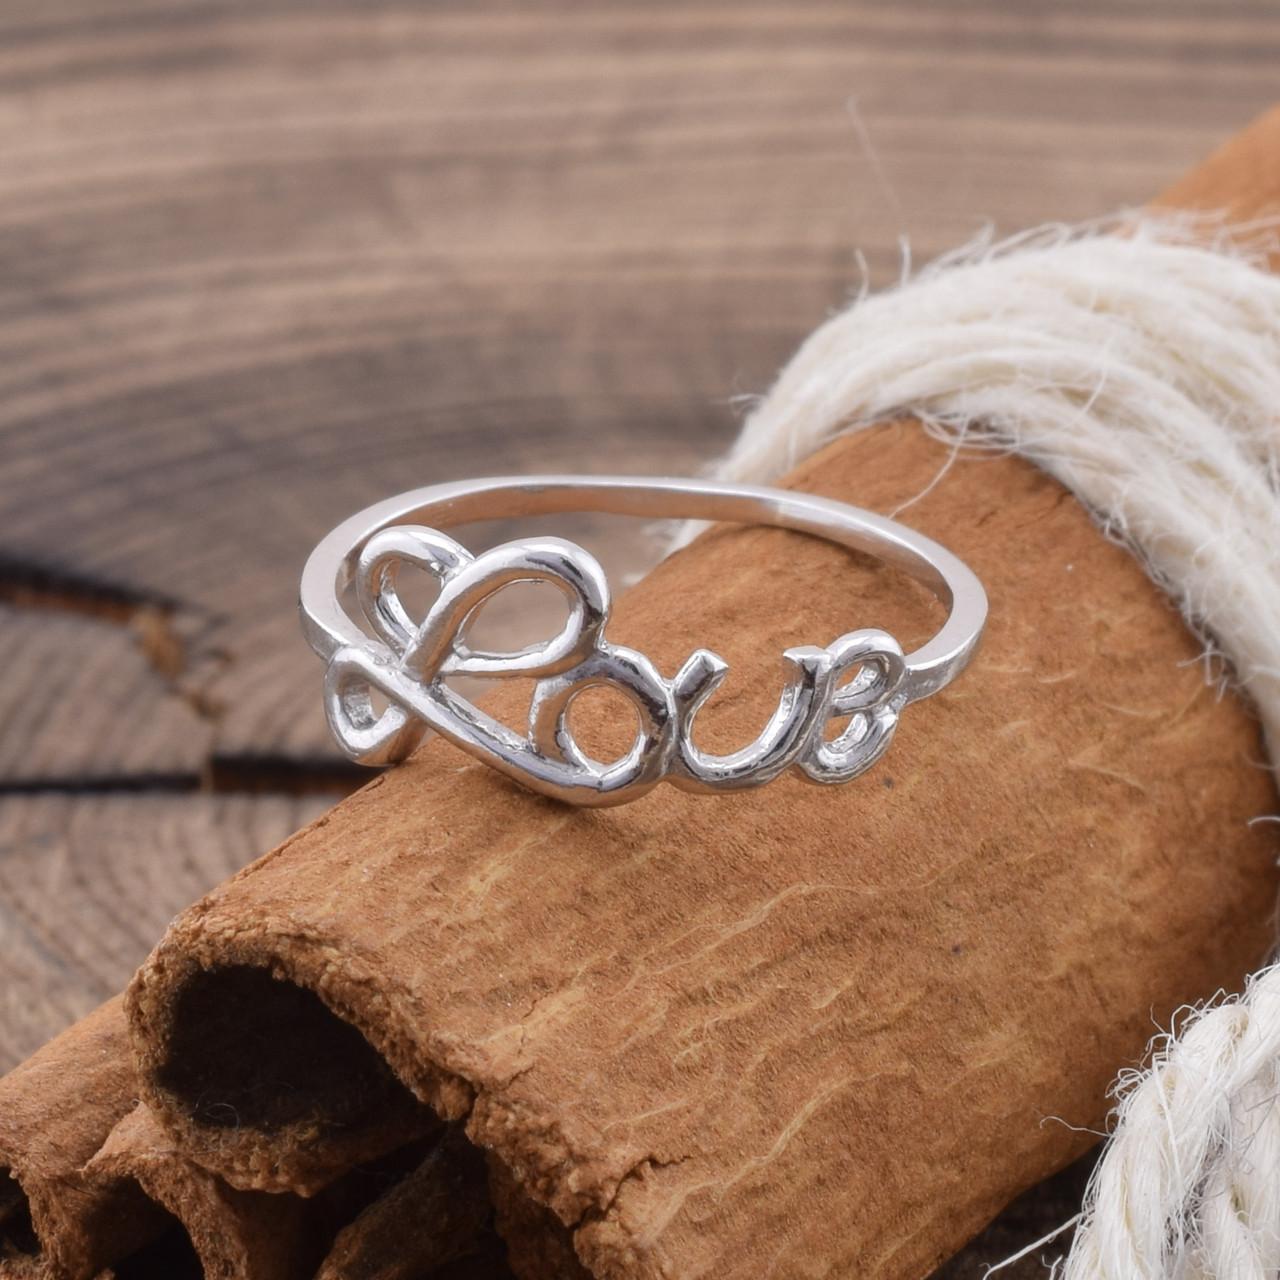 Серебряное кольцо Кохання вес 0.8 г размер 17